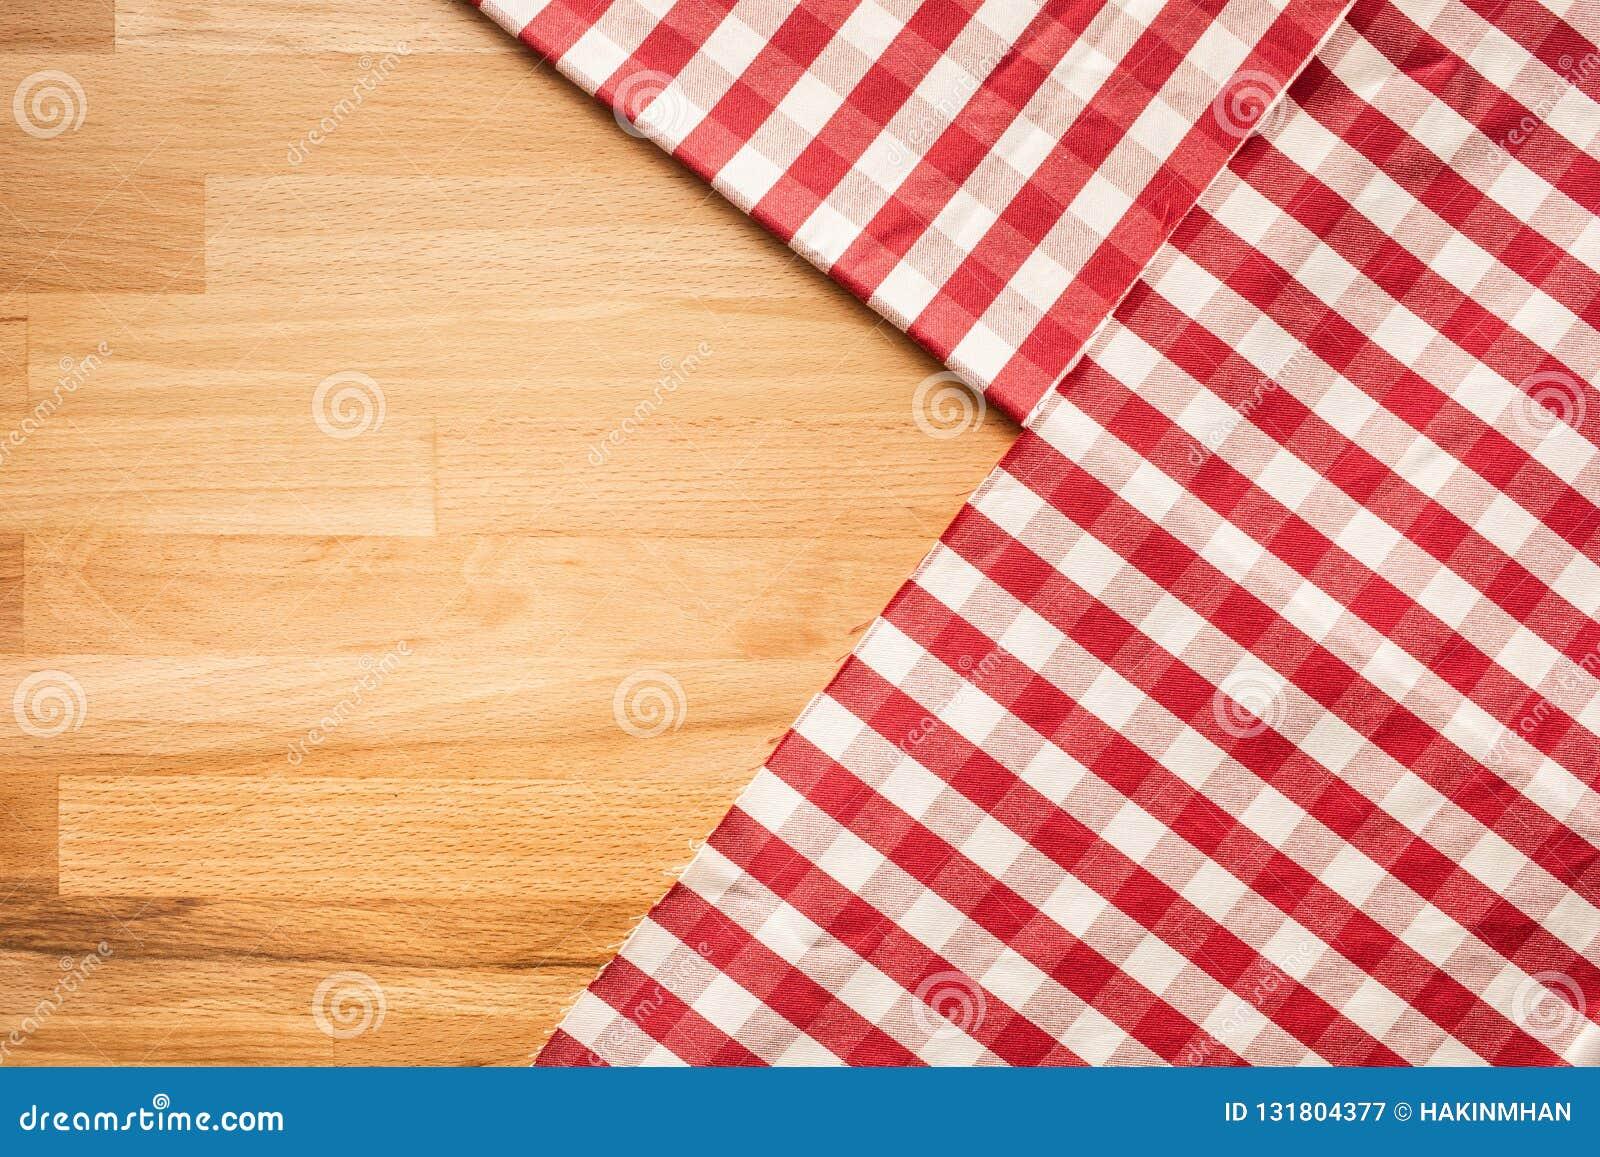 Rode geruite stof op houten lijstachtergrond Voor decoratie